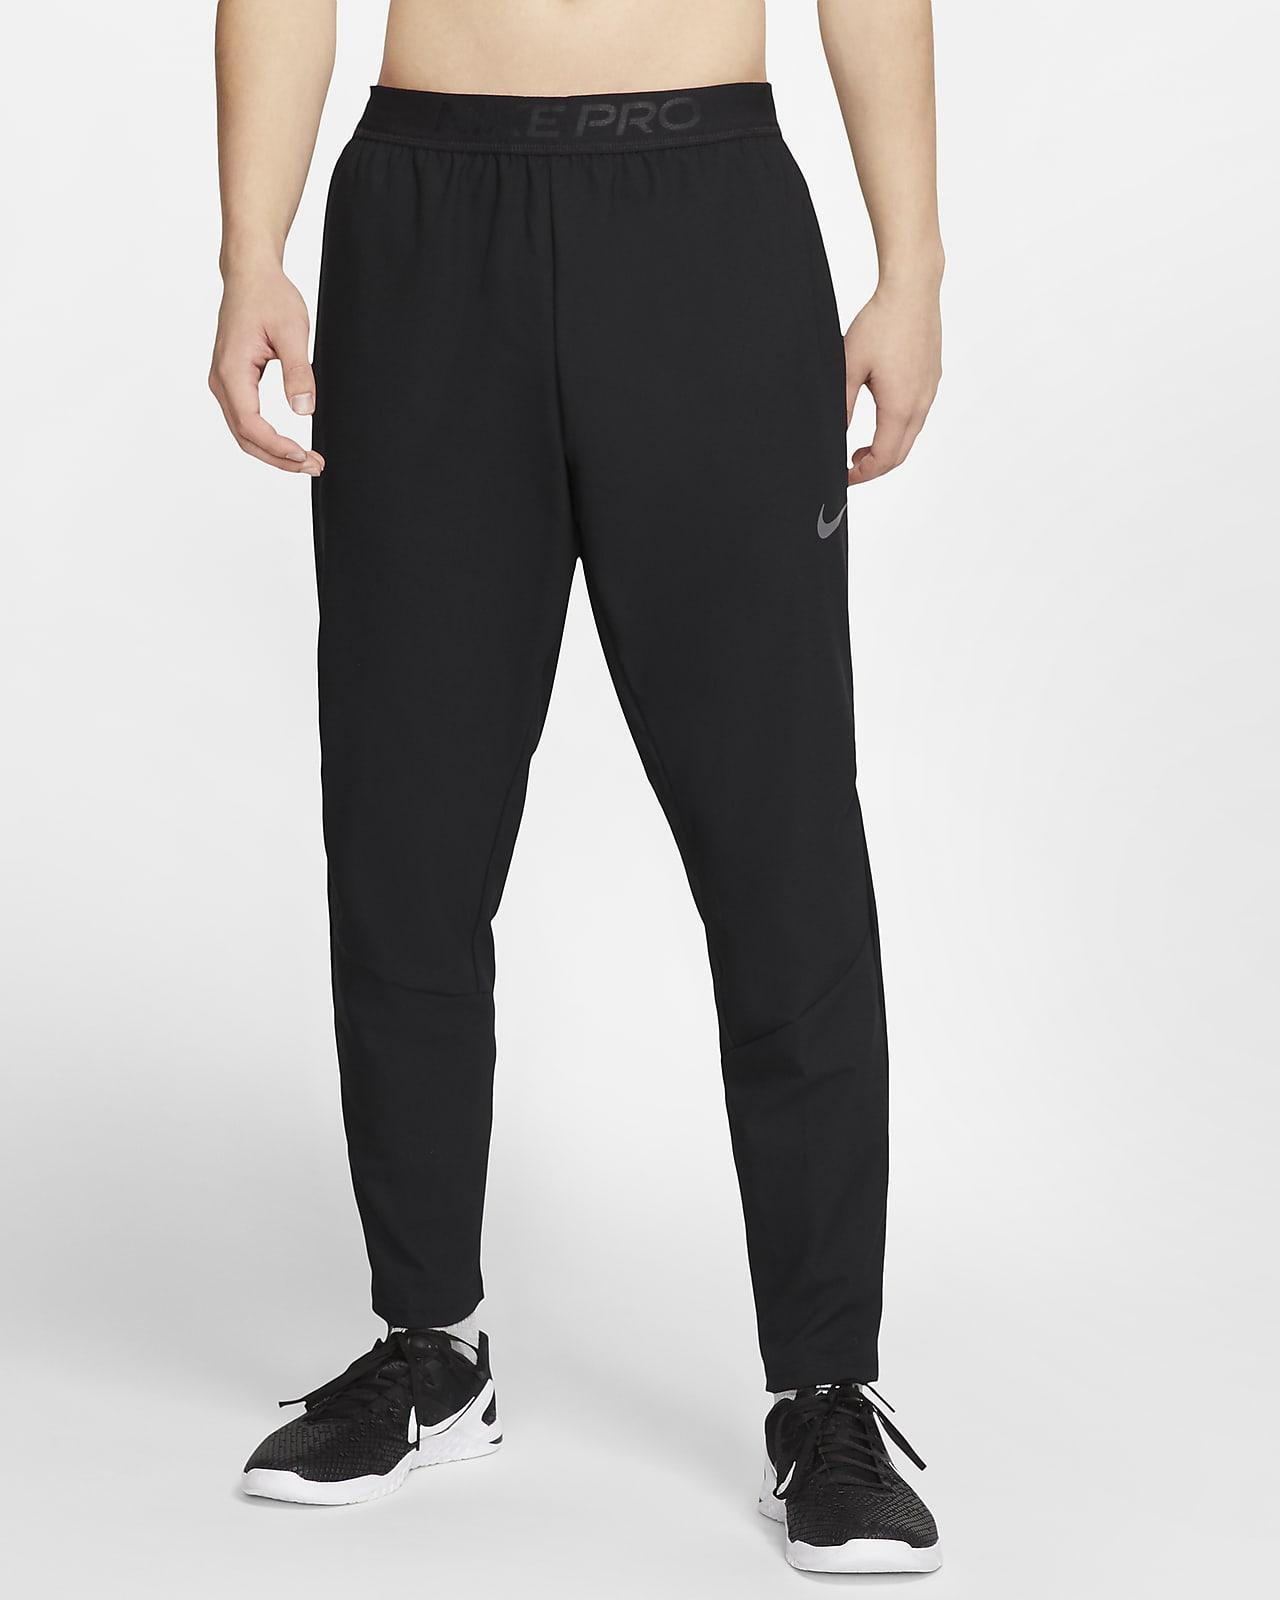 Nike Flex Herren-Trainingshose